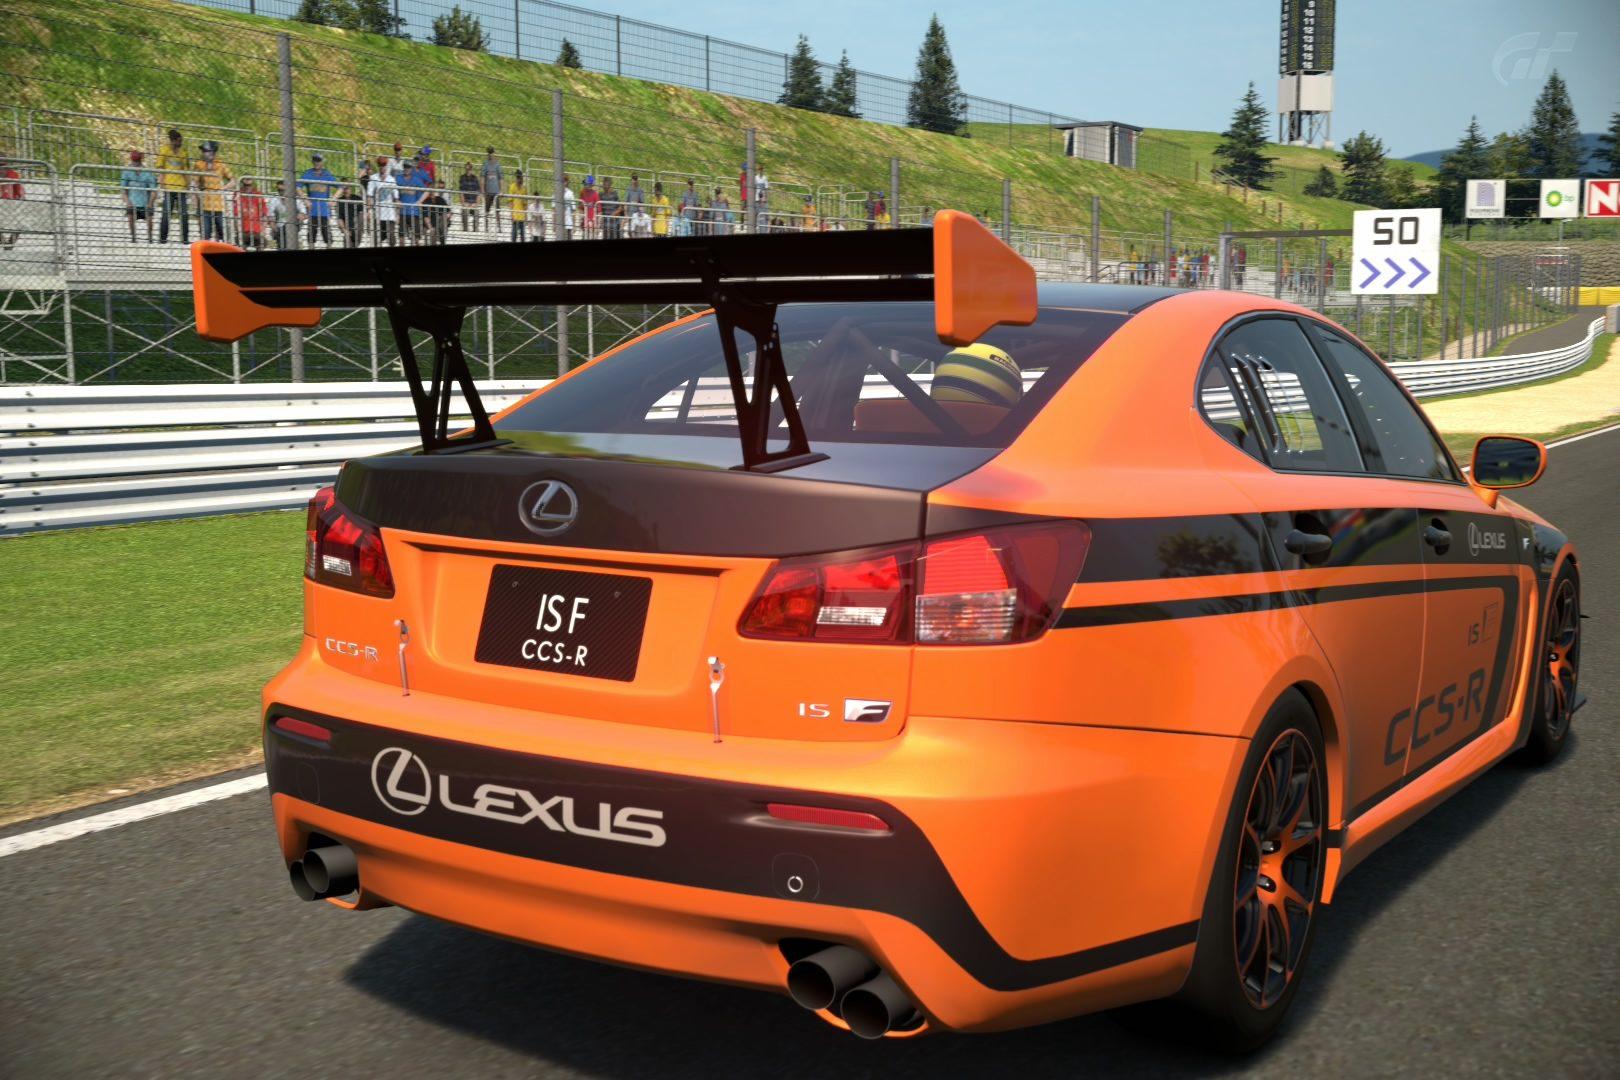 LexusCCSRImg2.jpg